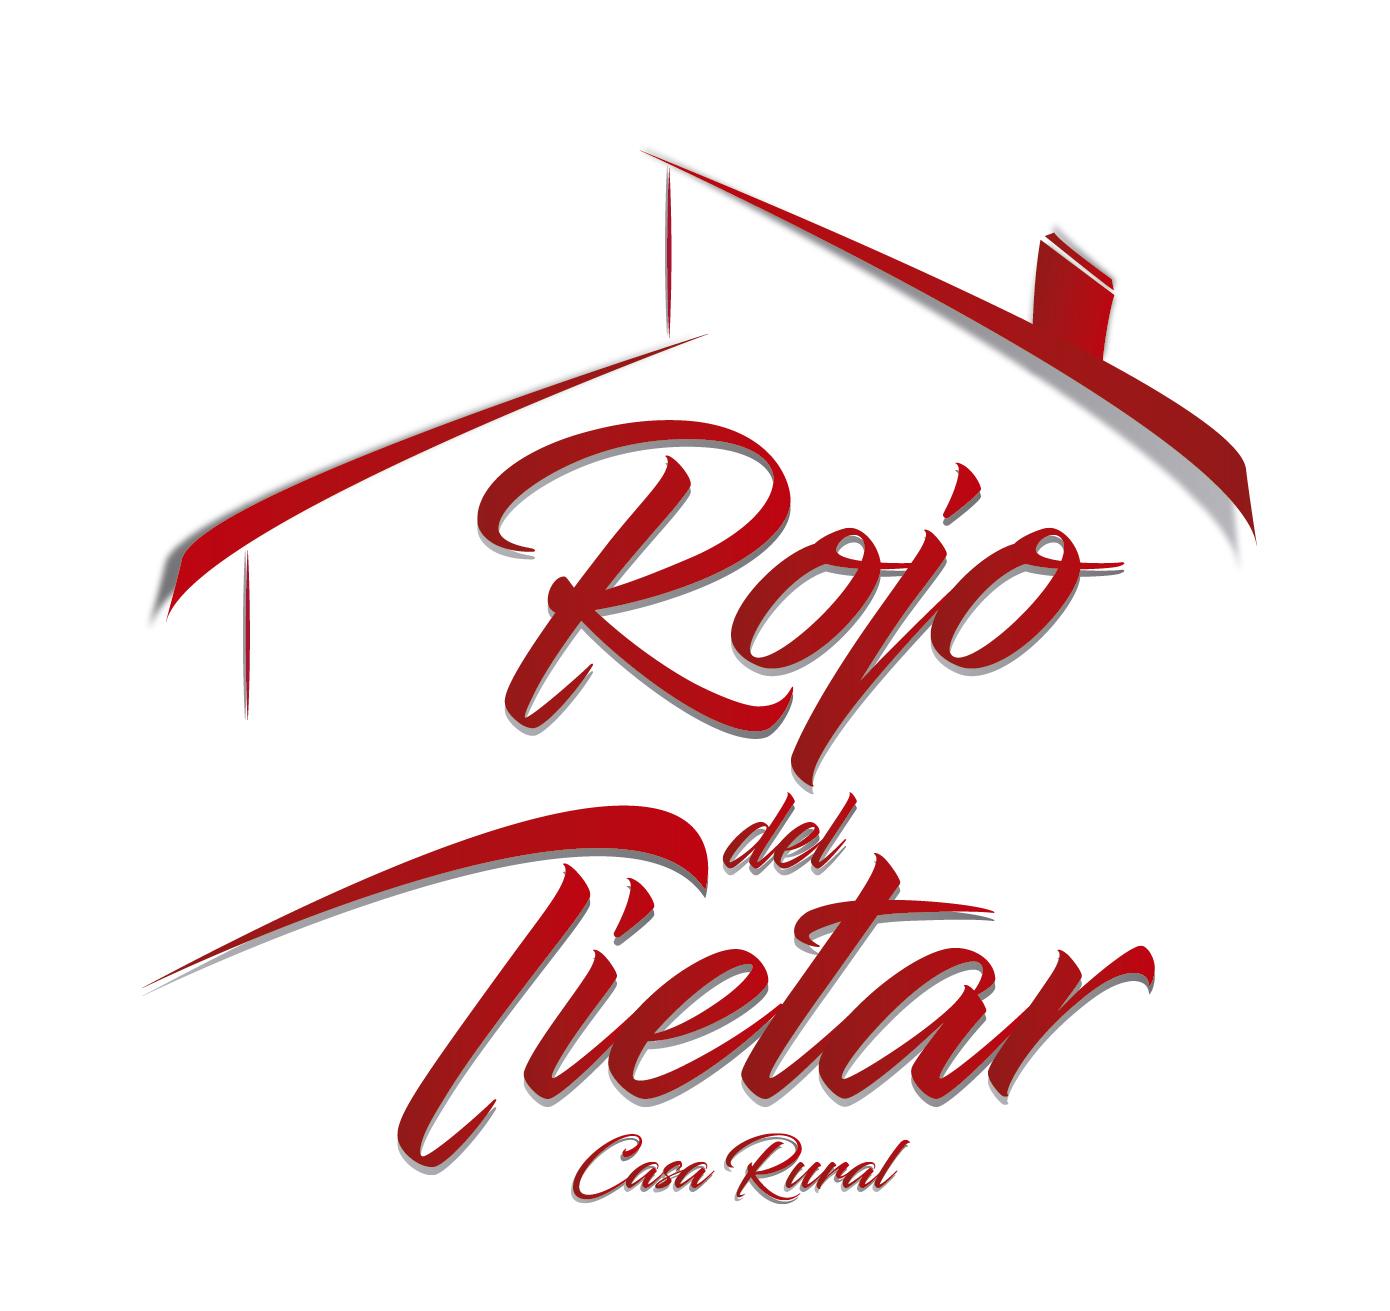 Casa Rural Rojo del Tietar